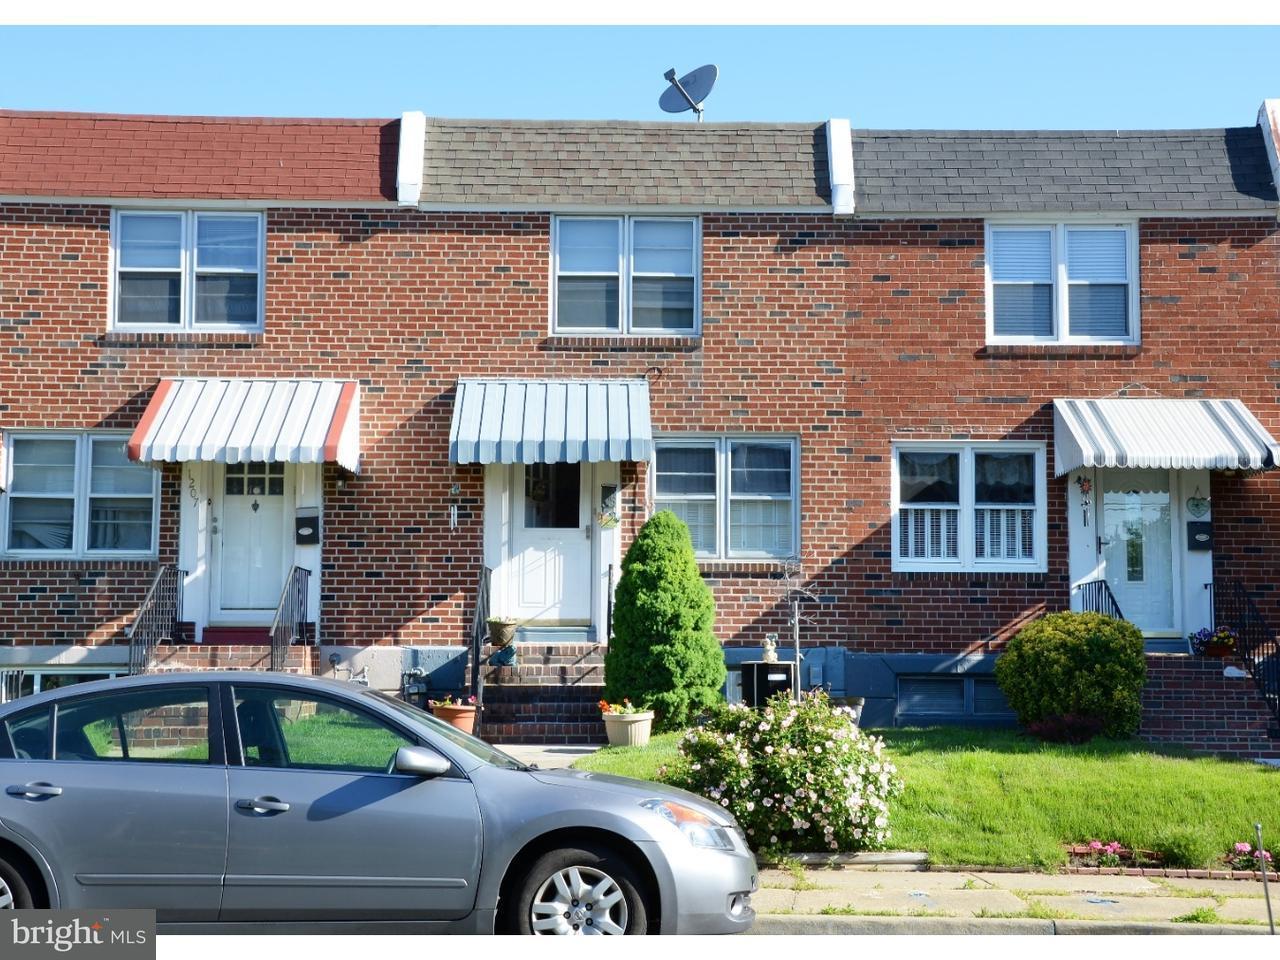 Casa unifamiliar adosada (Townhouse) por un Venta en 1205 SYCAMORE Avenue Elsmere, Delaware 19805 Estados Unidos